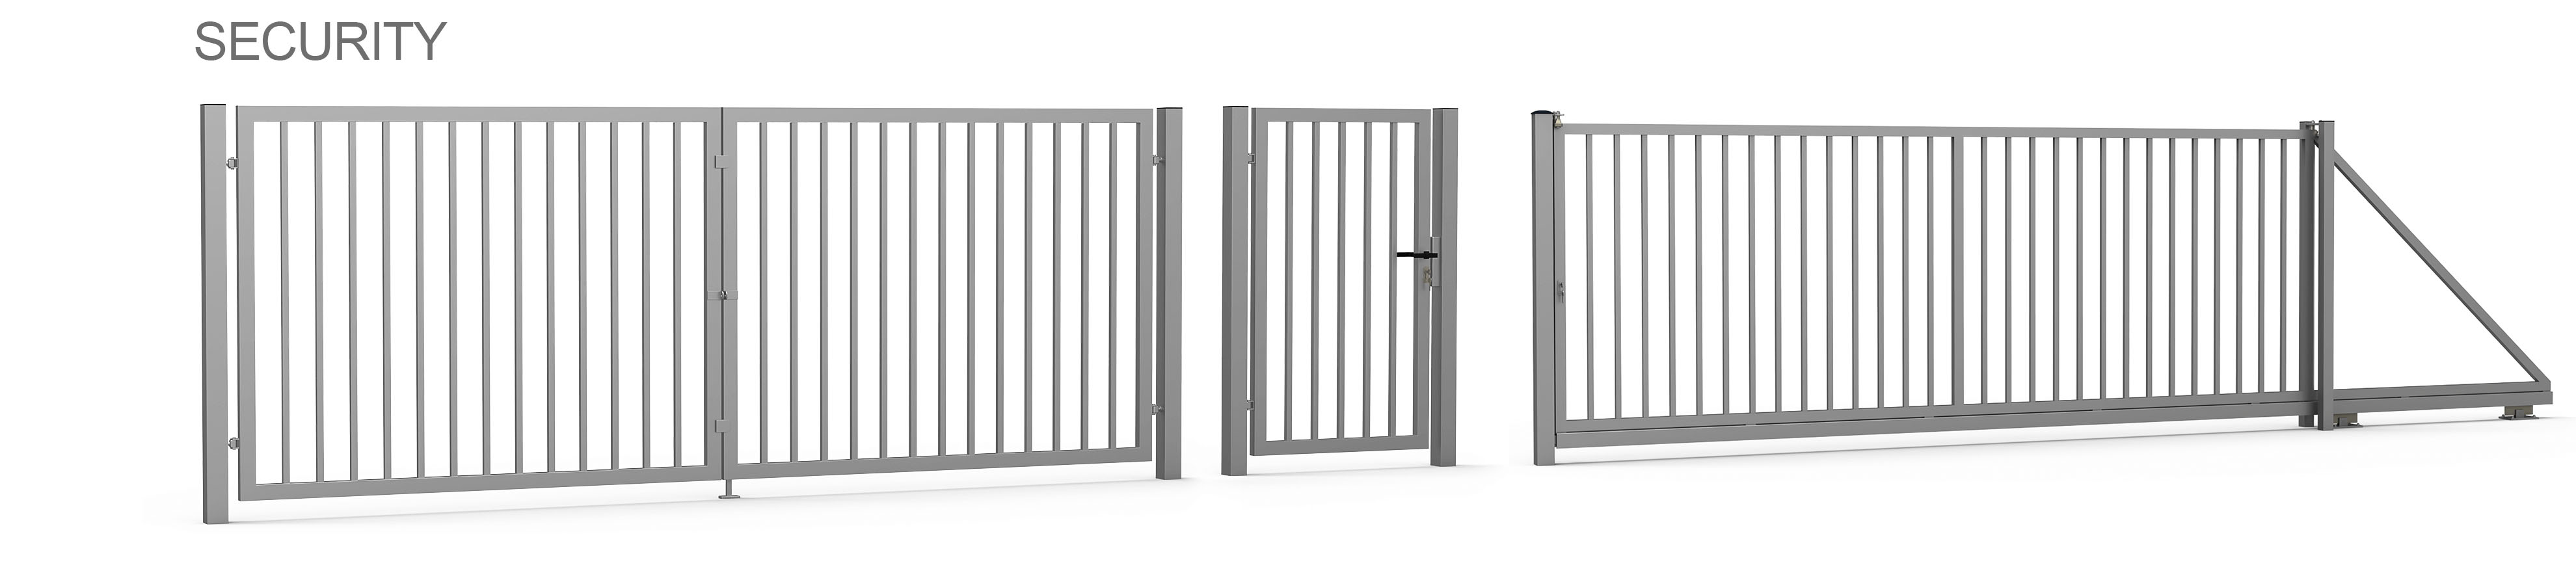 Vārti Security